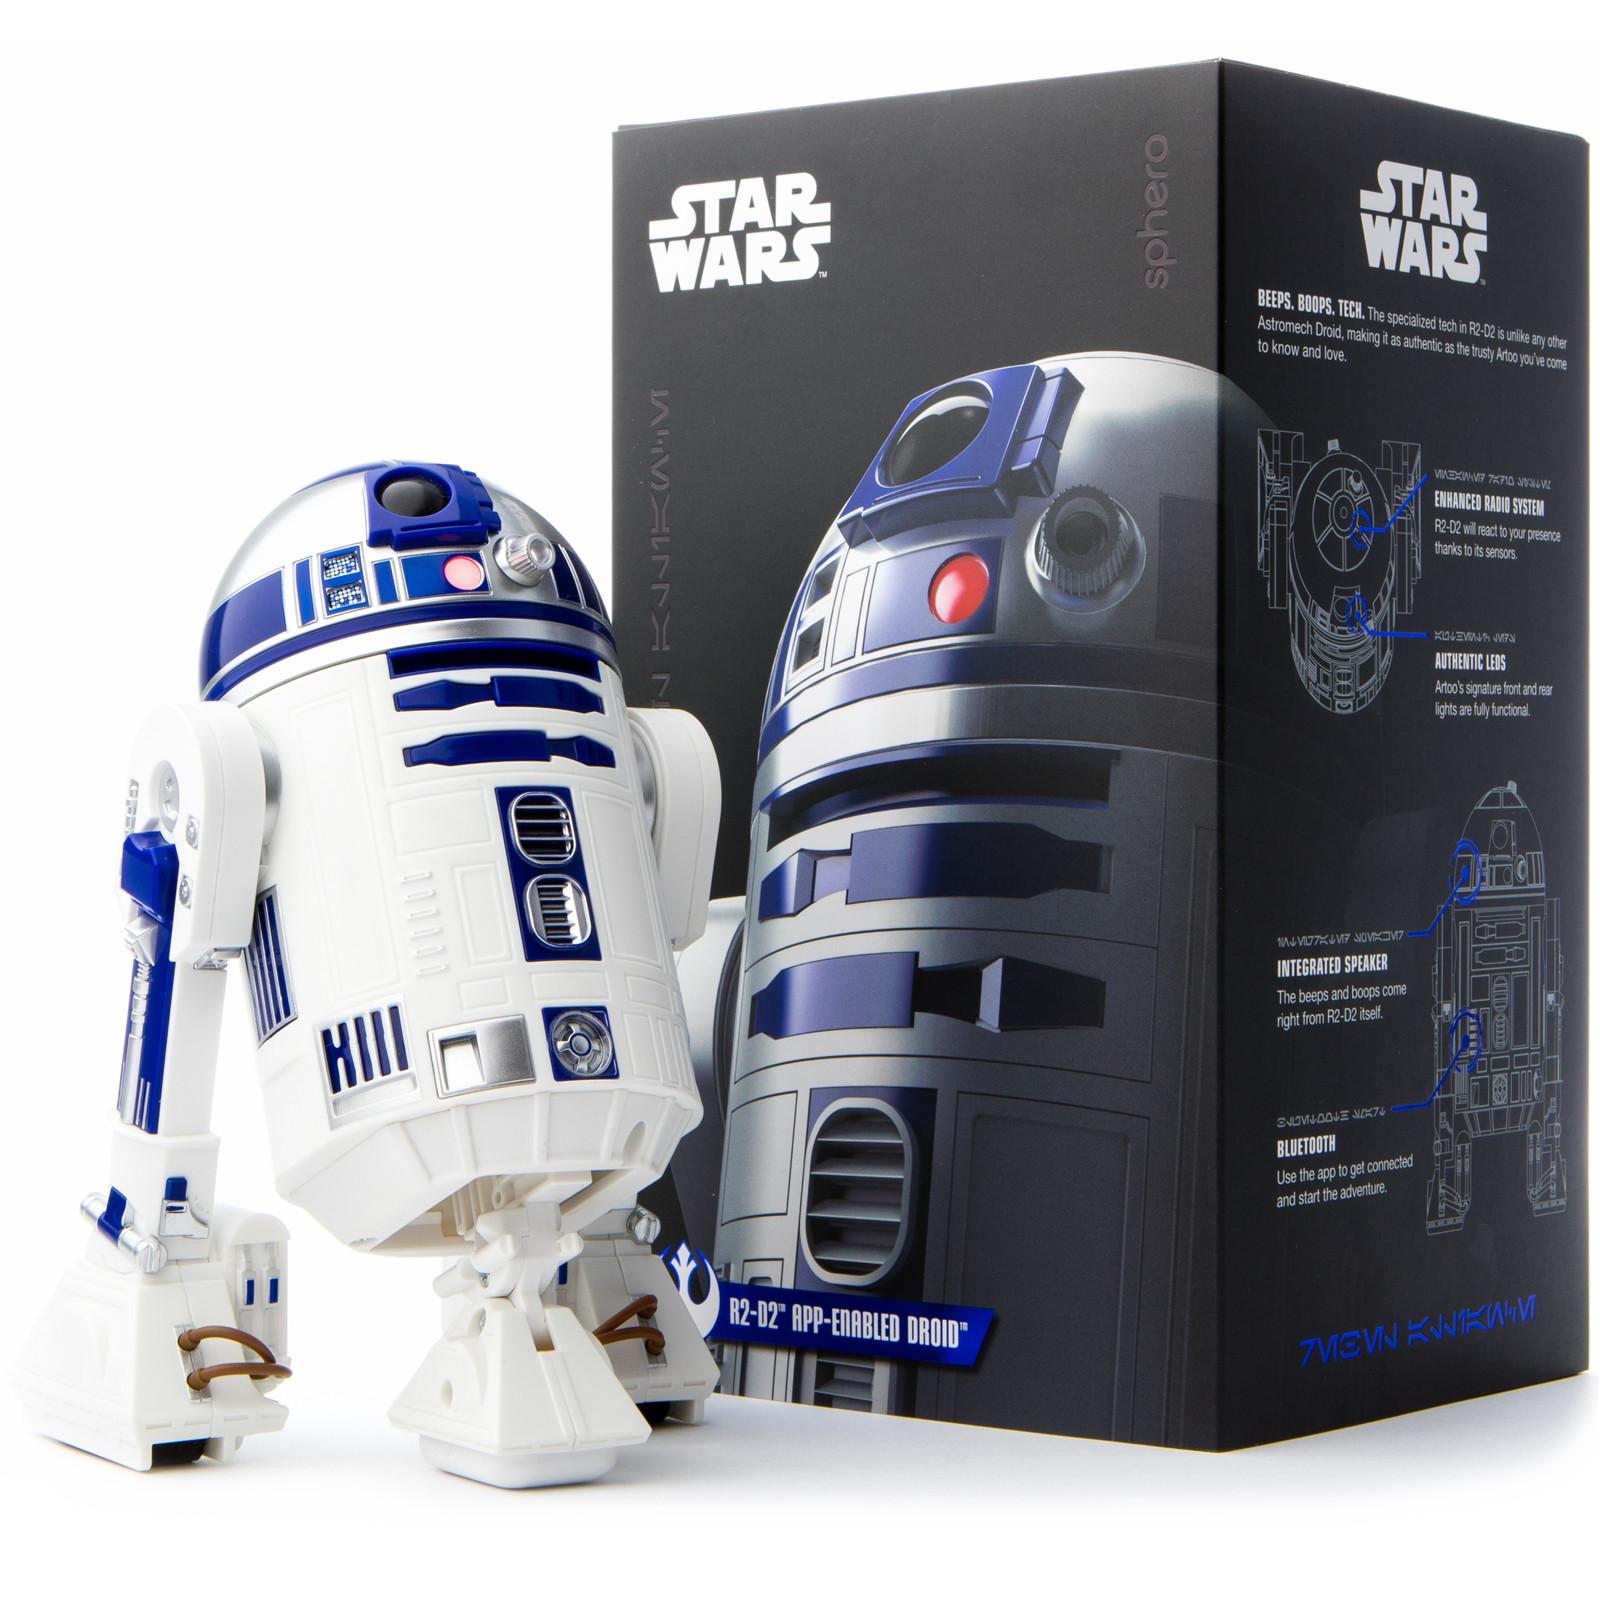 Buy The Sphero Star Wars R2 D2 App Enabled Droid R201row Online